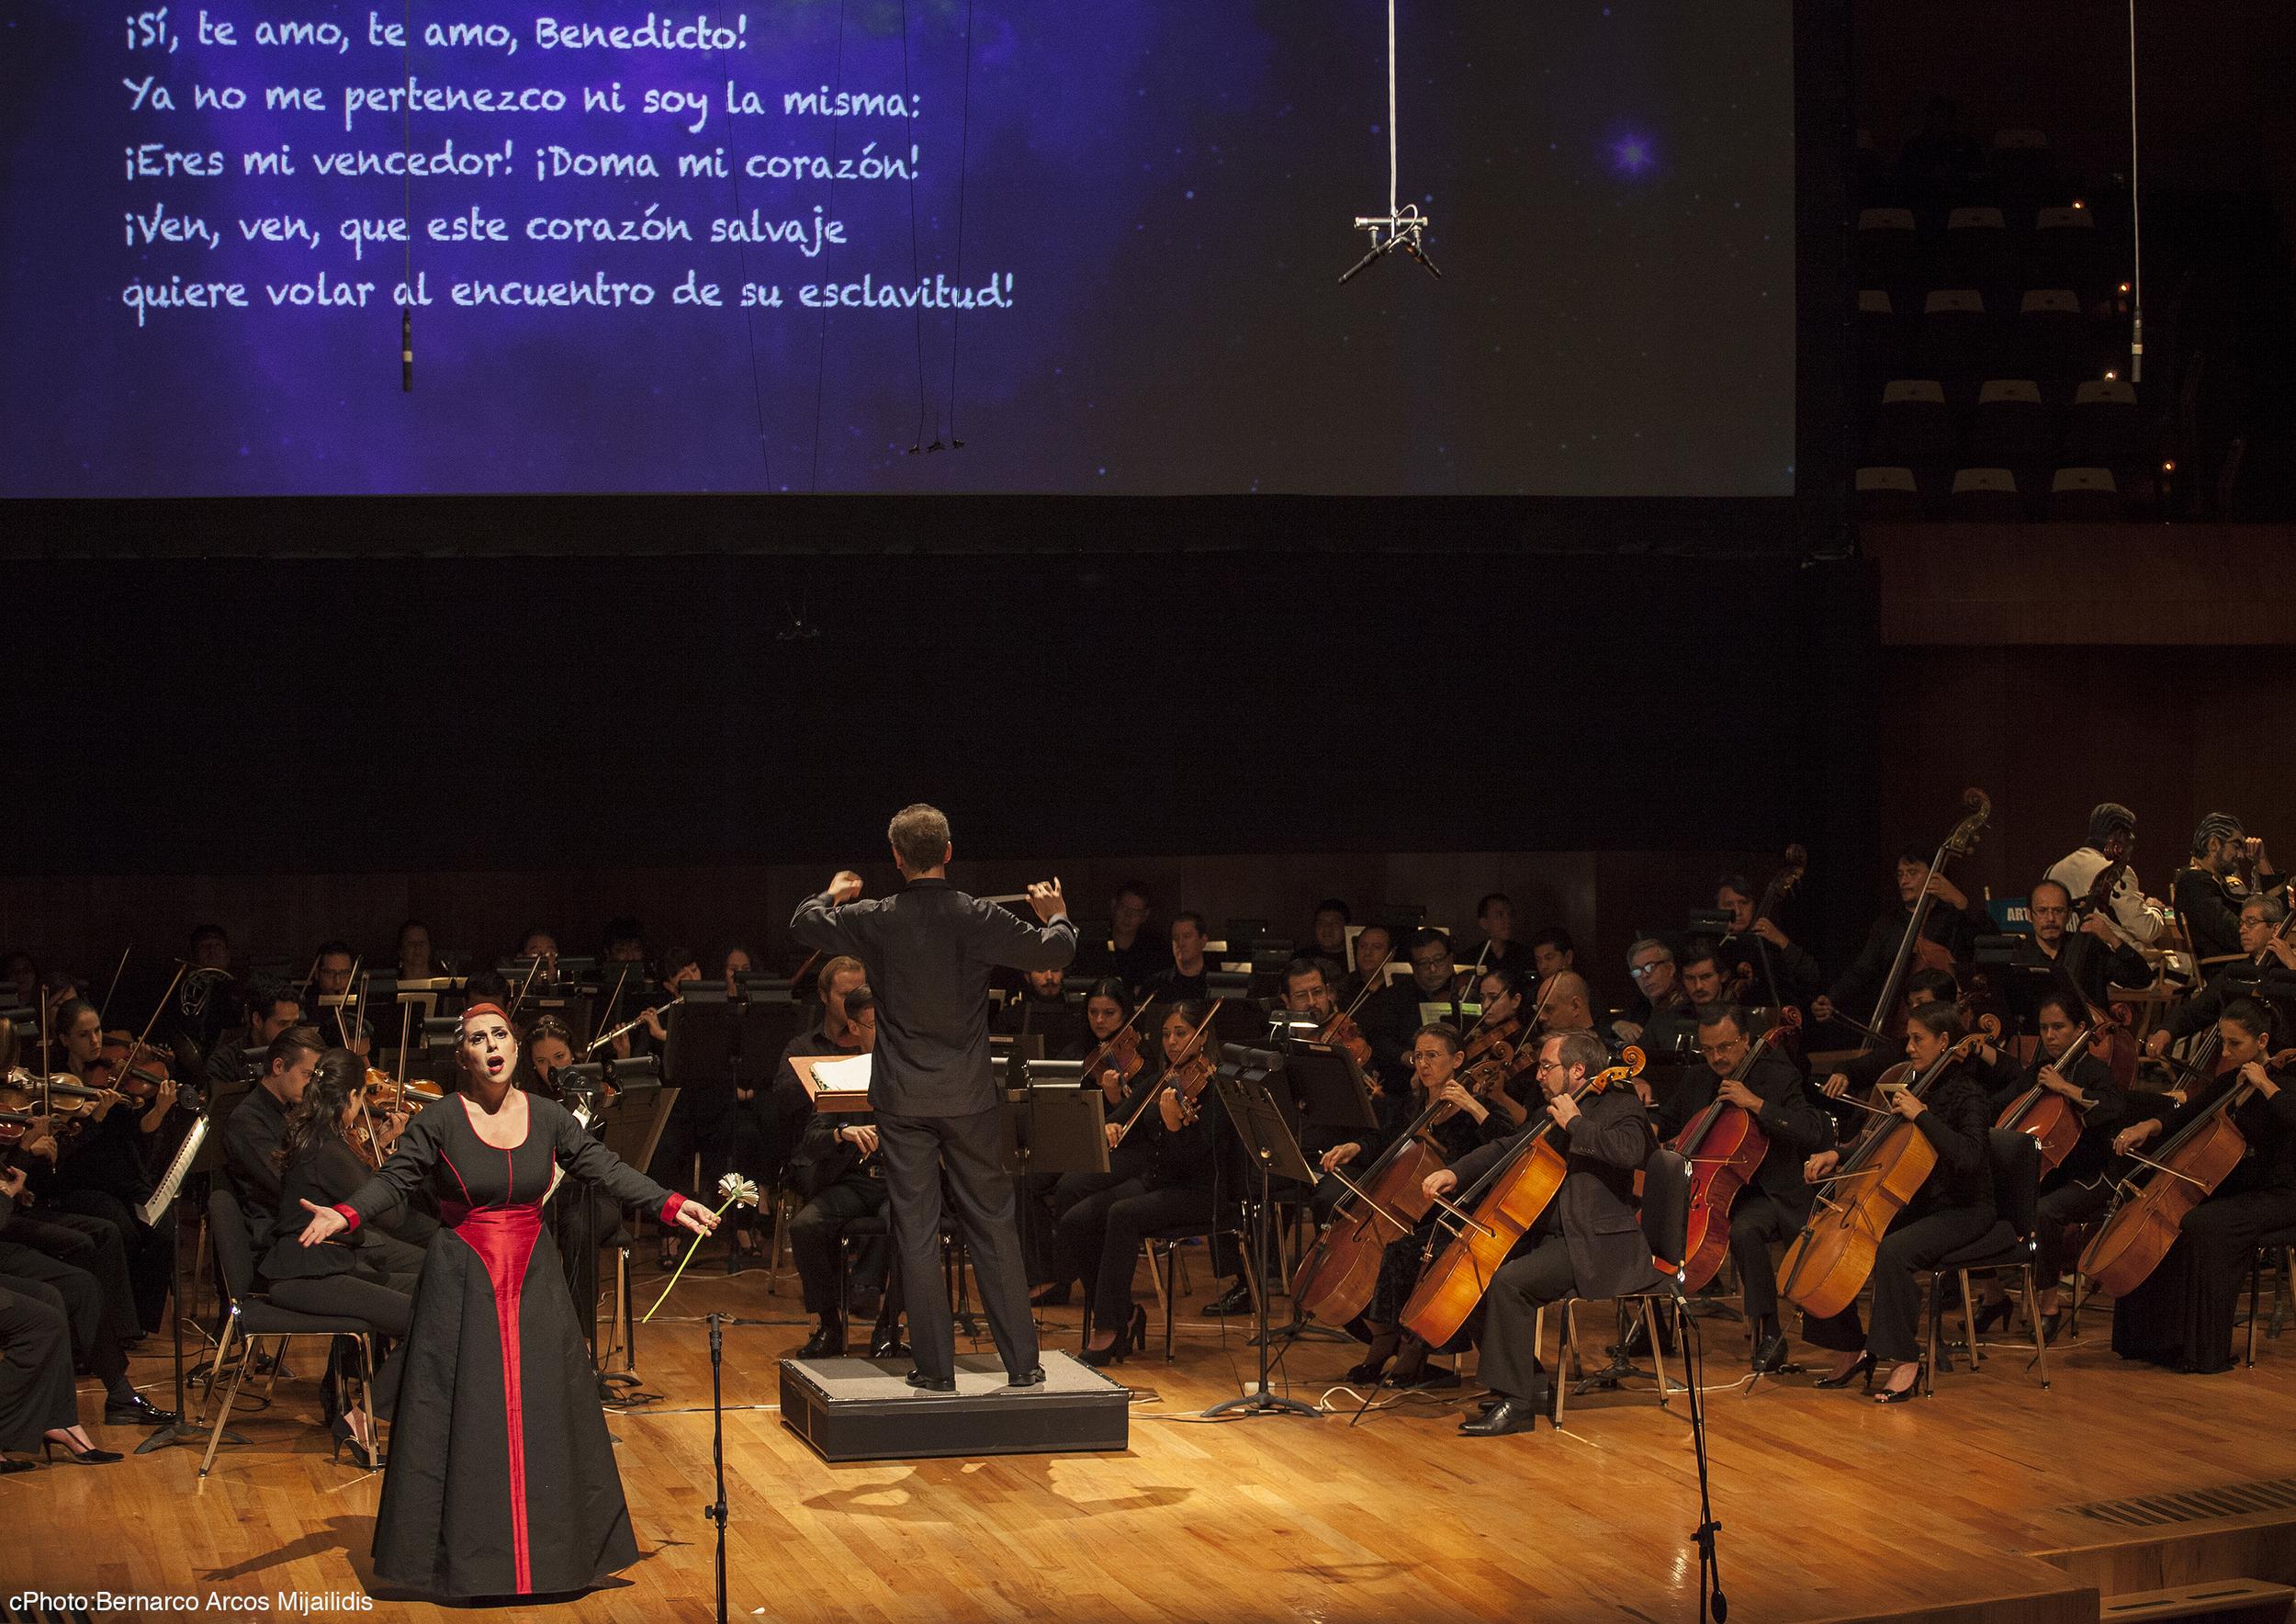 As Béatrice in Berlioz'  Béatrice   et   Bénédict,    Orquesta Sinfonica de Minería  (Prieto), Mexico City photo: Bernarco Arcos Mijailidis